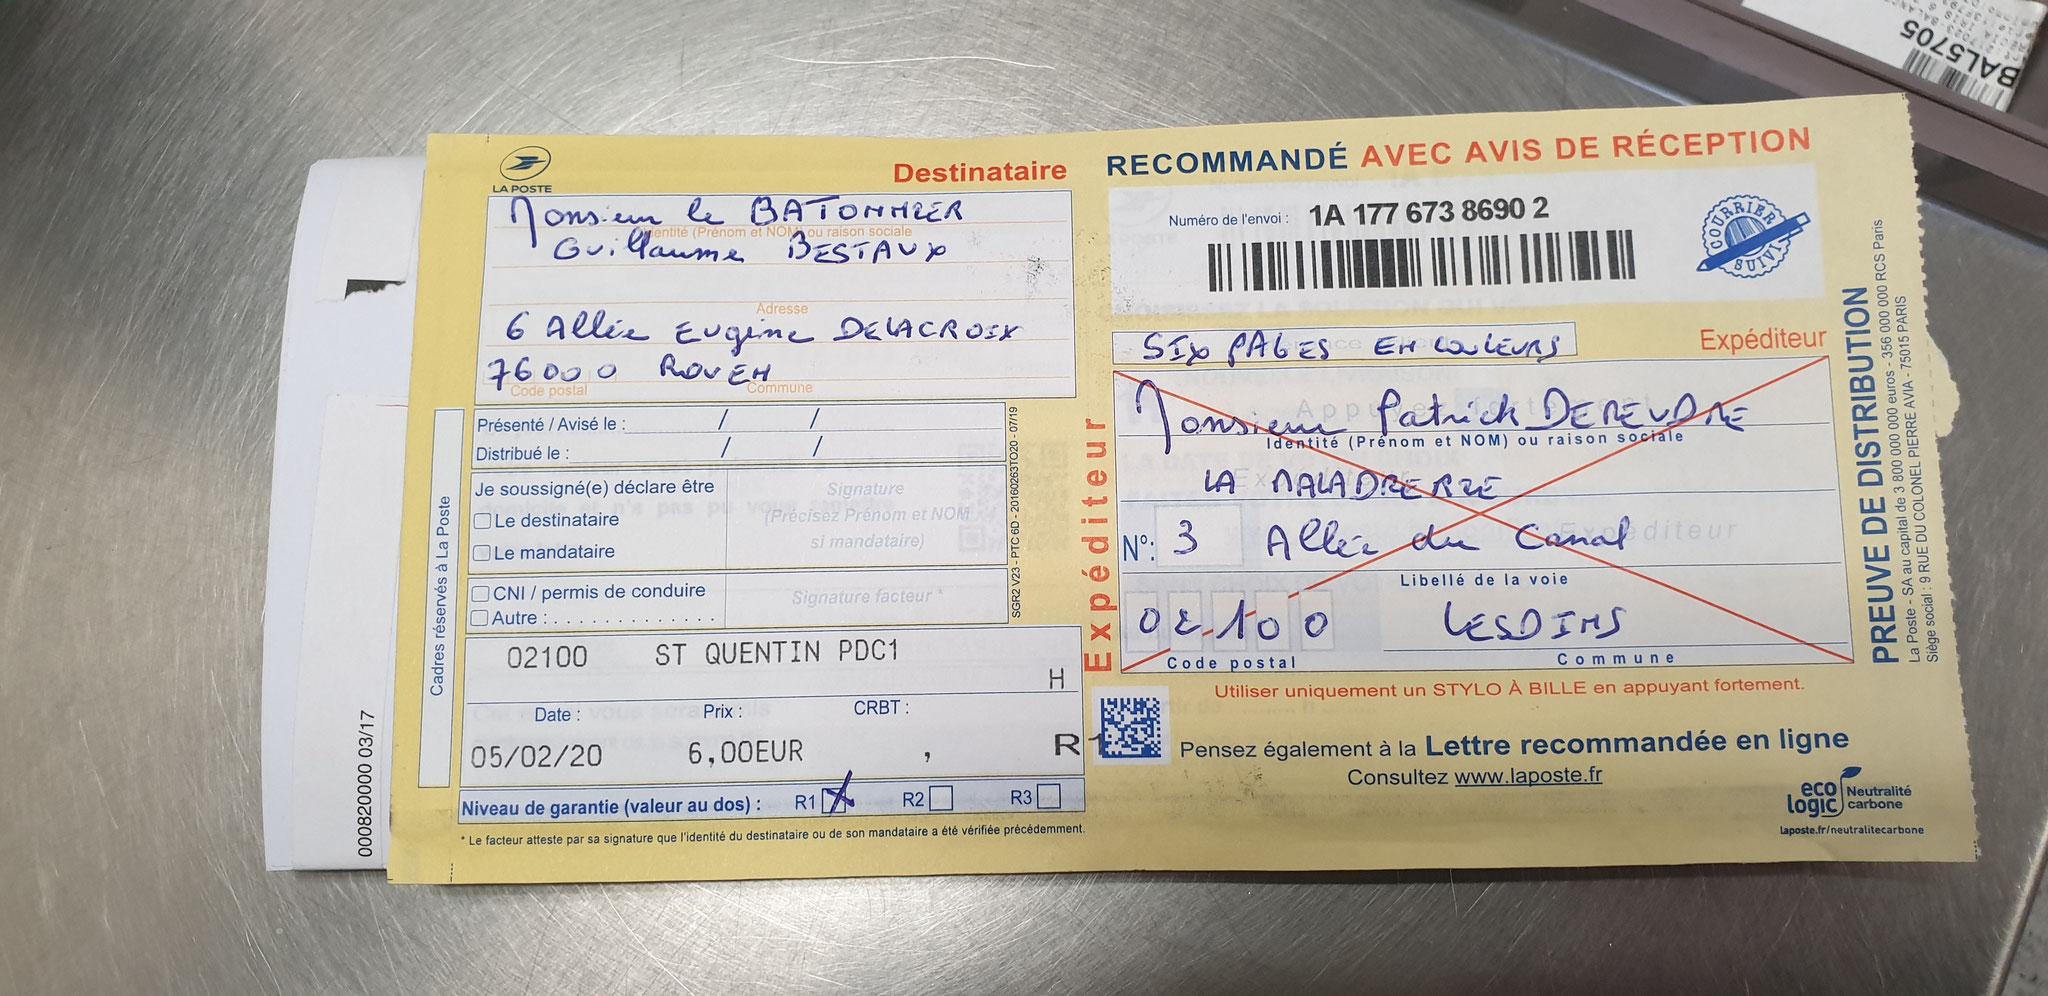 Accusé de Réception & Preuve de Dépôt Ma lettre recommandée du 05 Février 2020 N° 1A 177 673 8690 2 Page 6 sur 6 en couleurs www.jesuispatrick.fr